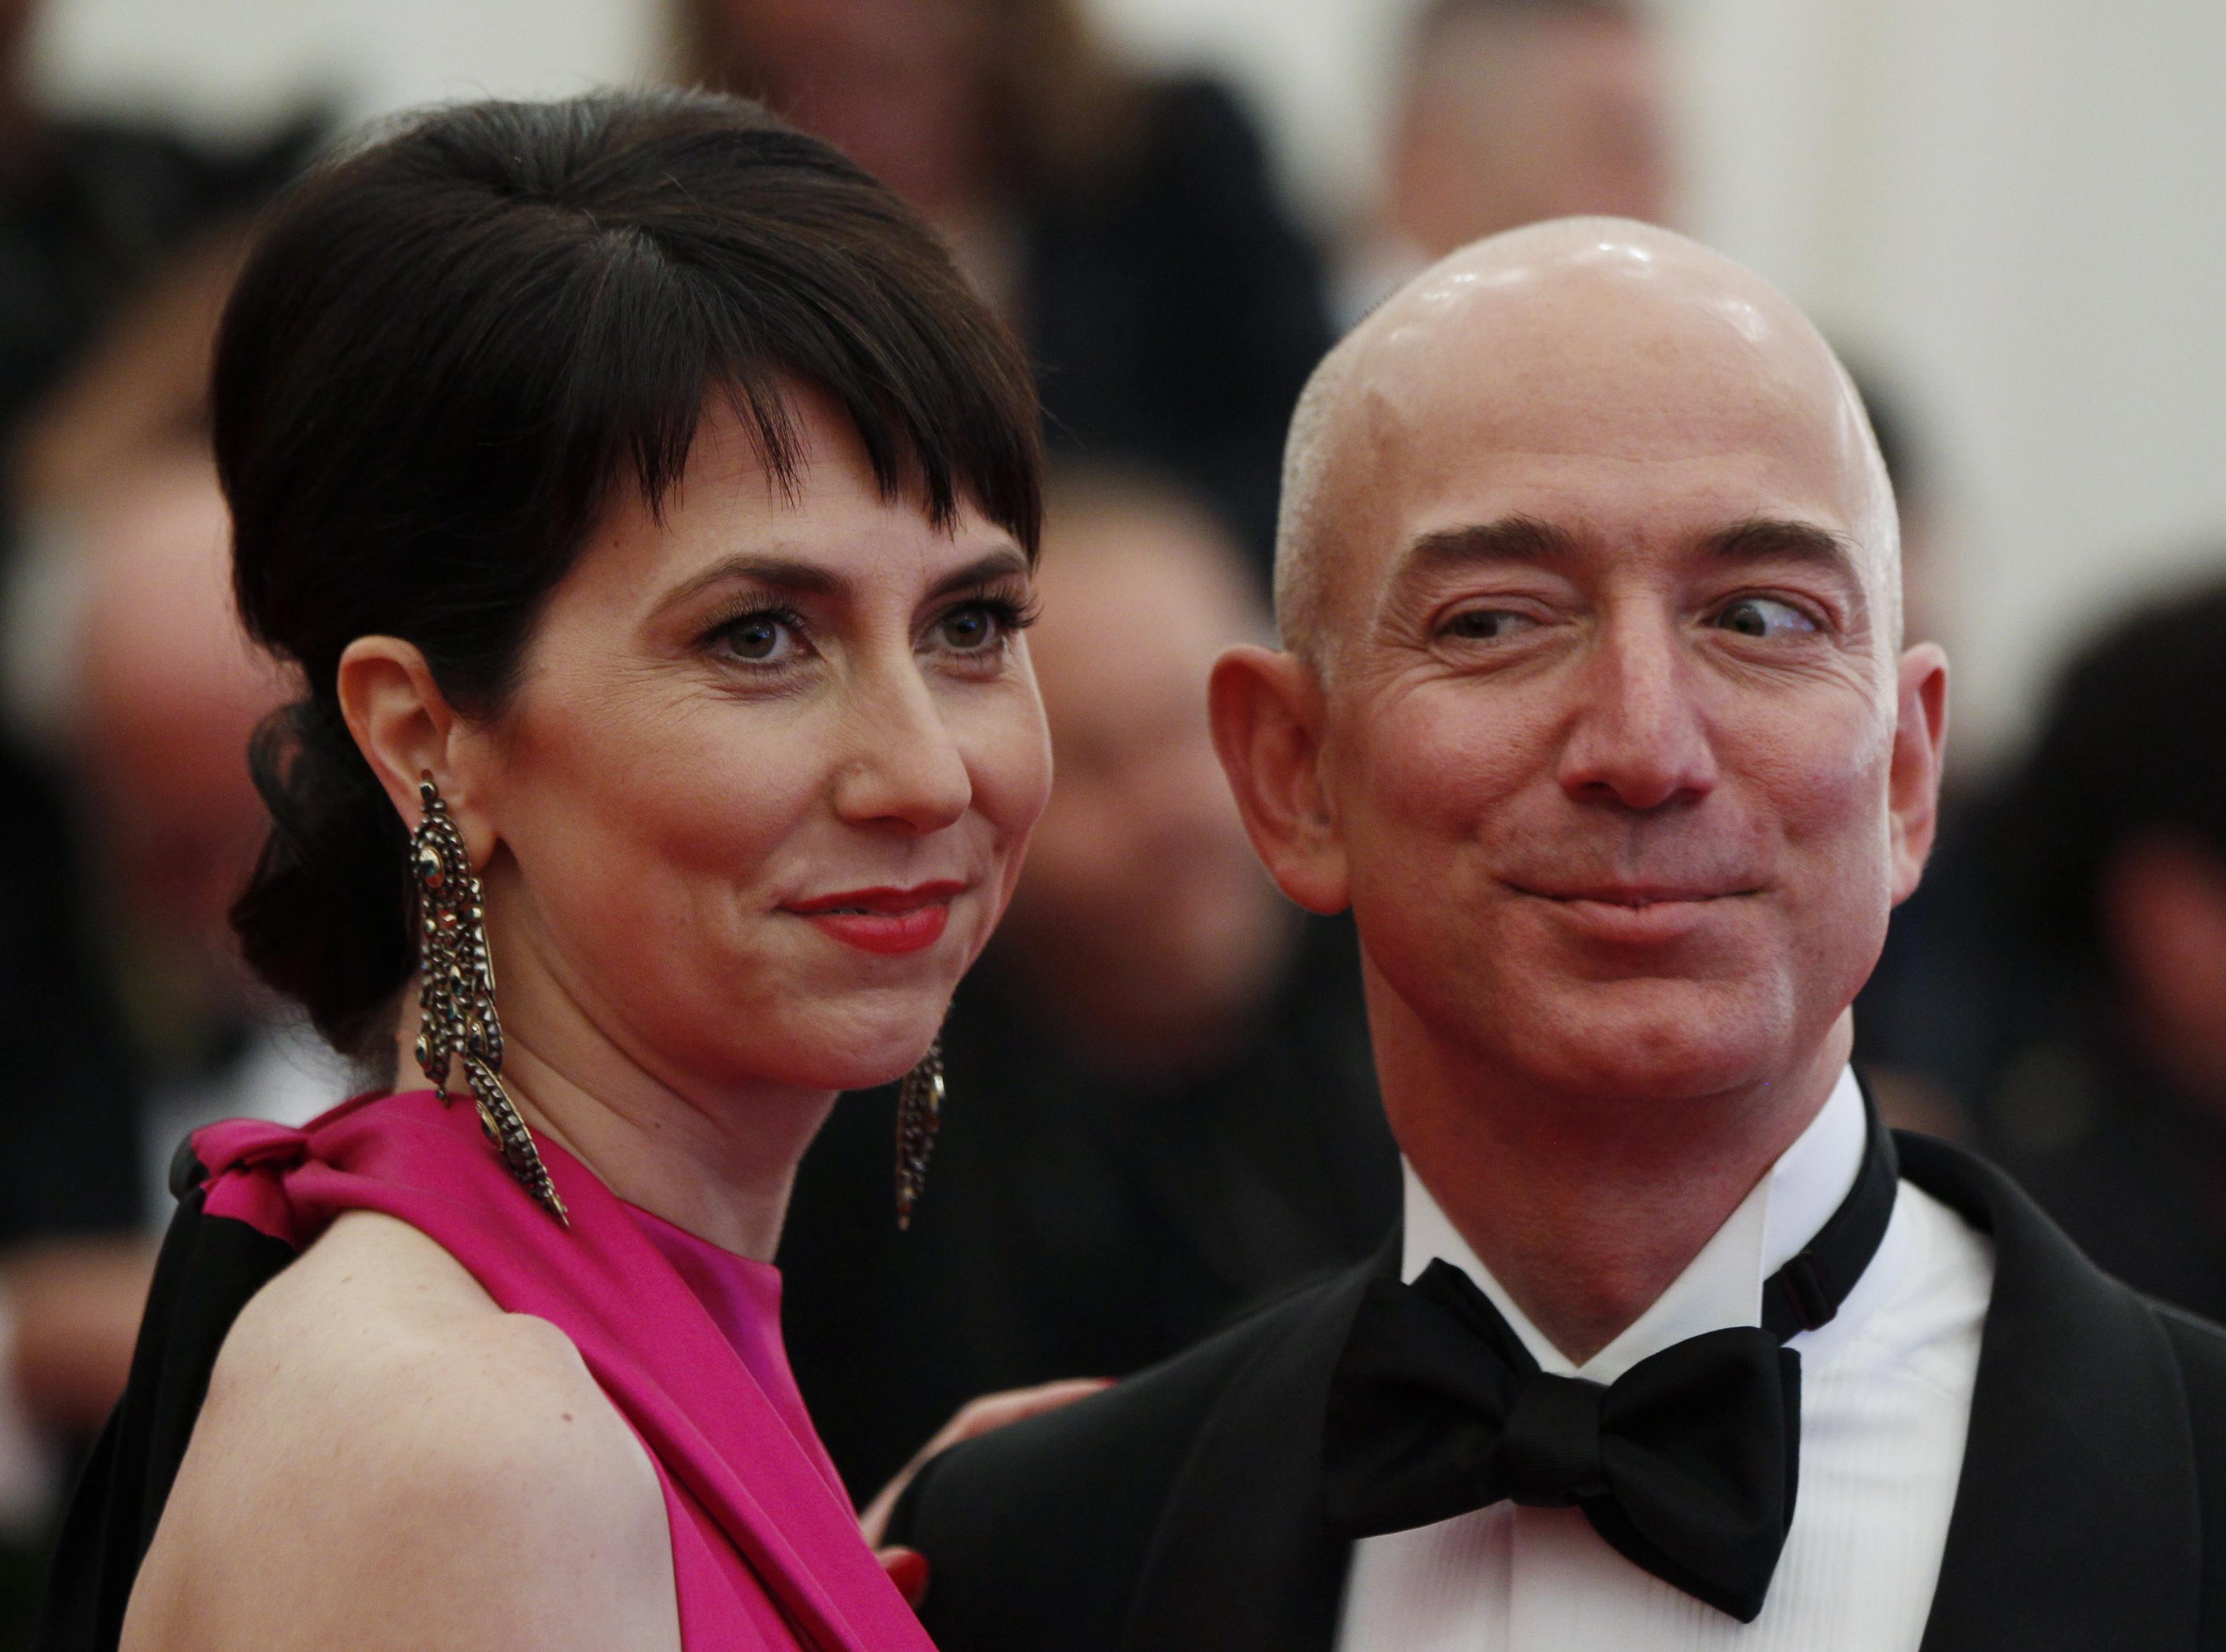 Con 35,000 mdd, MacKenzie Bezos será la tercera mujer más rica del mundo